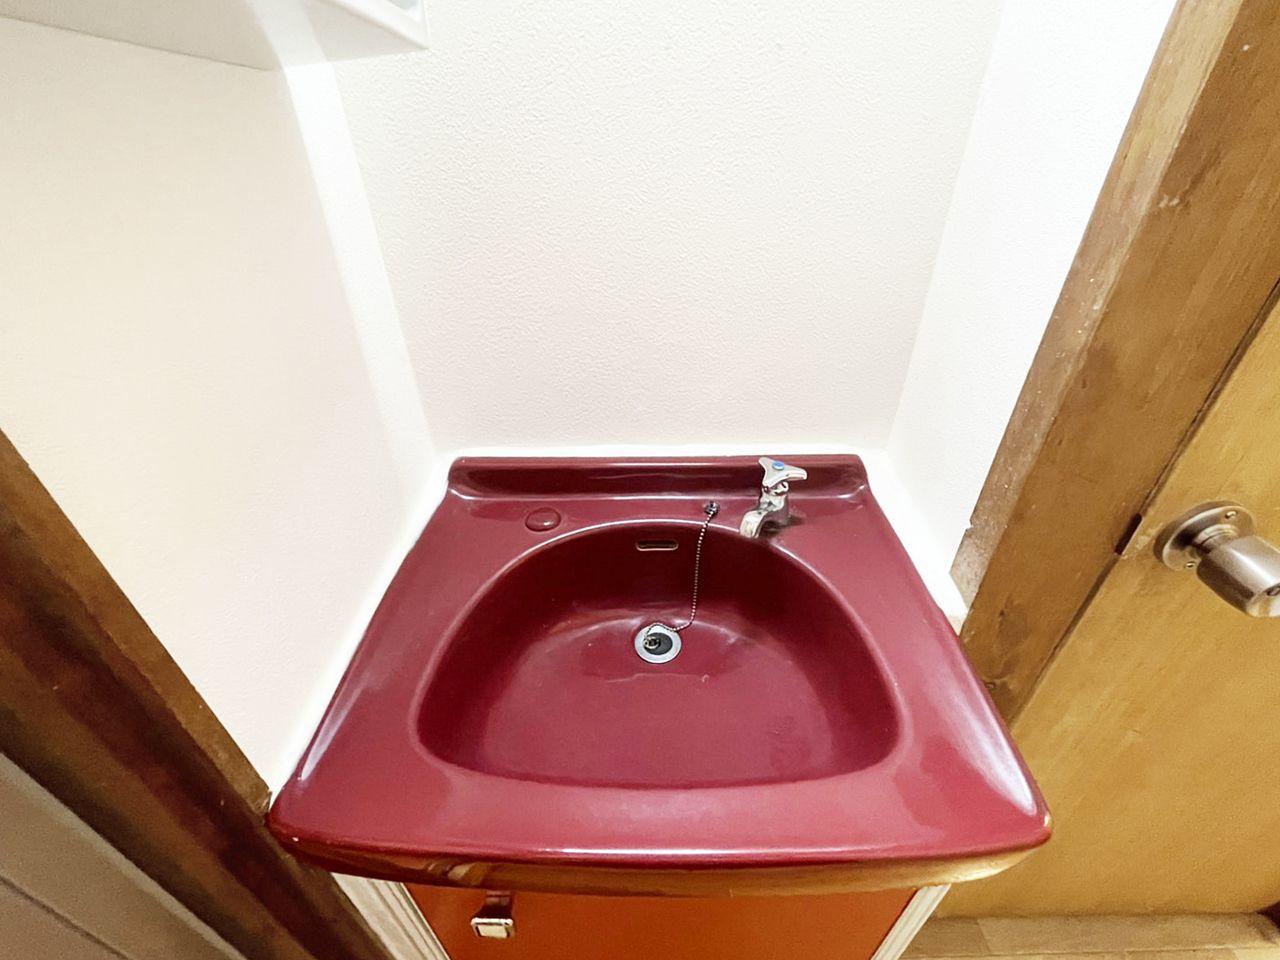 左手の鏡の裏側は歯ブラシなどを収納することができます。洗面台下部には洗剤などのストックを収納すると良いかもしれません♪